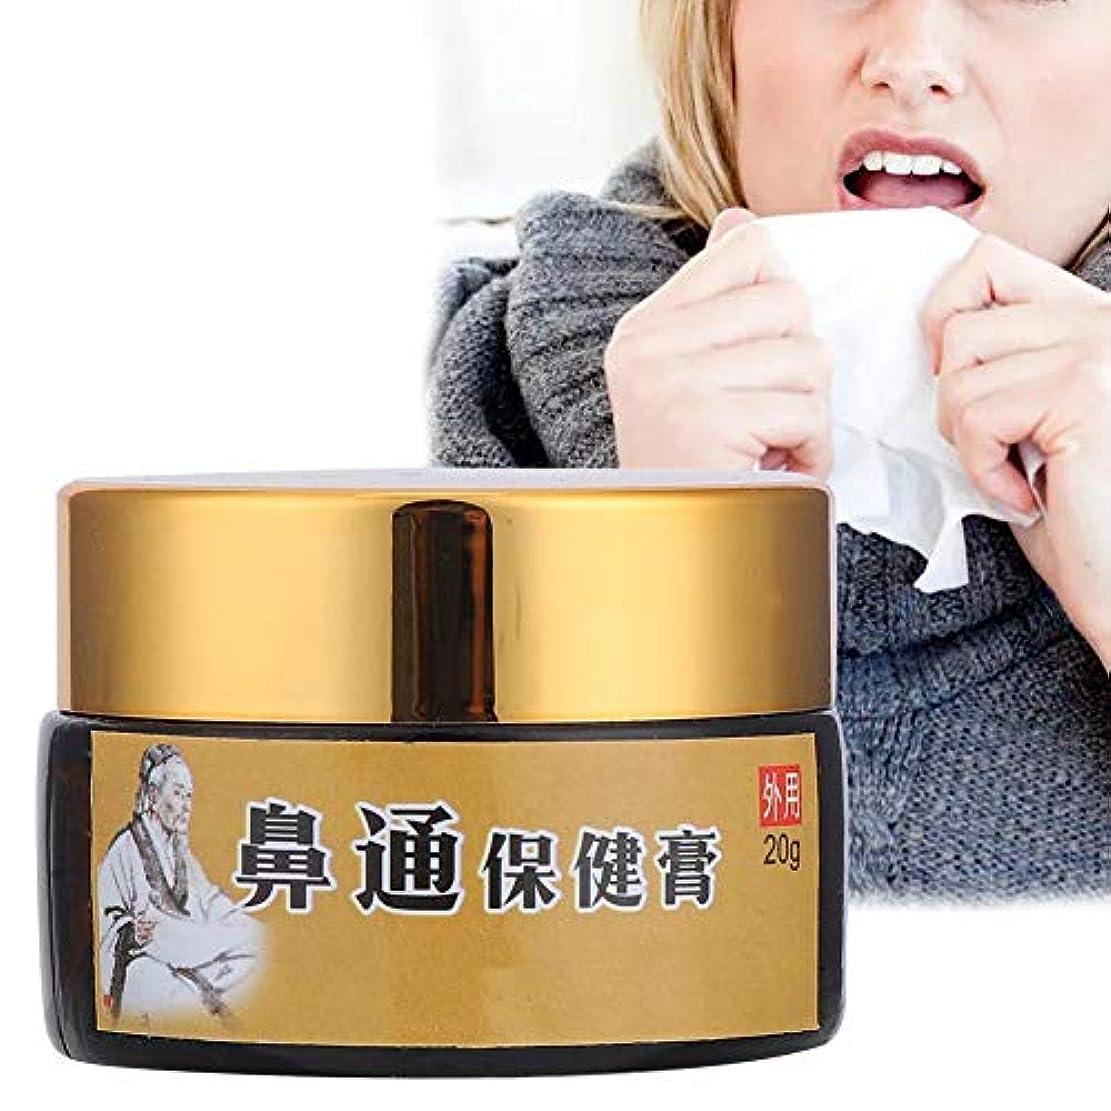 合理化こどもの宮殿サーバ鼻炎副鼻腔炎鼻クリーム、20g鼻詰まりジェルかゆみくしゃみ鼻詰まりクリーム